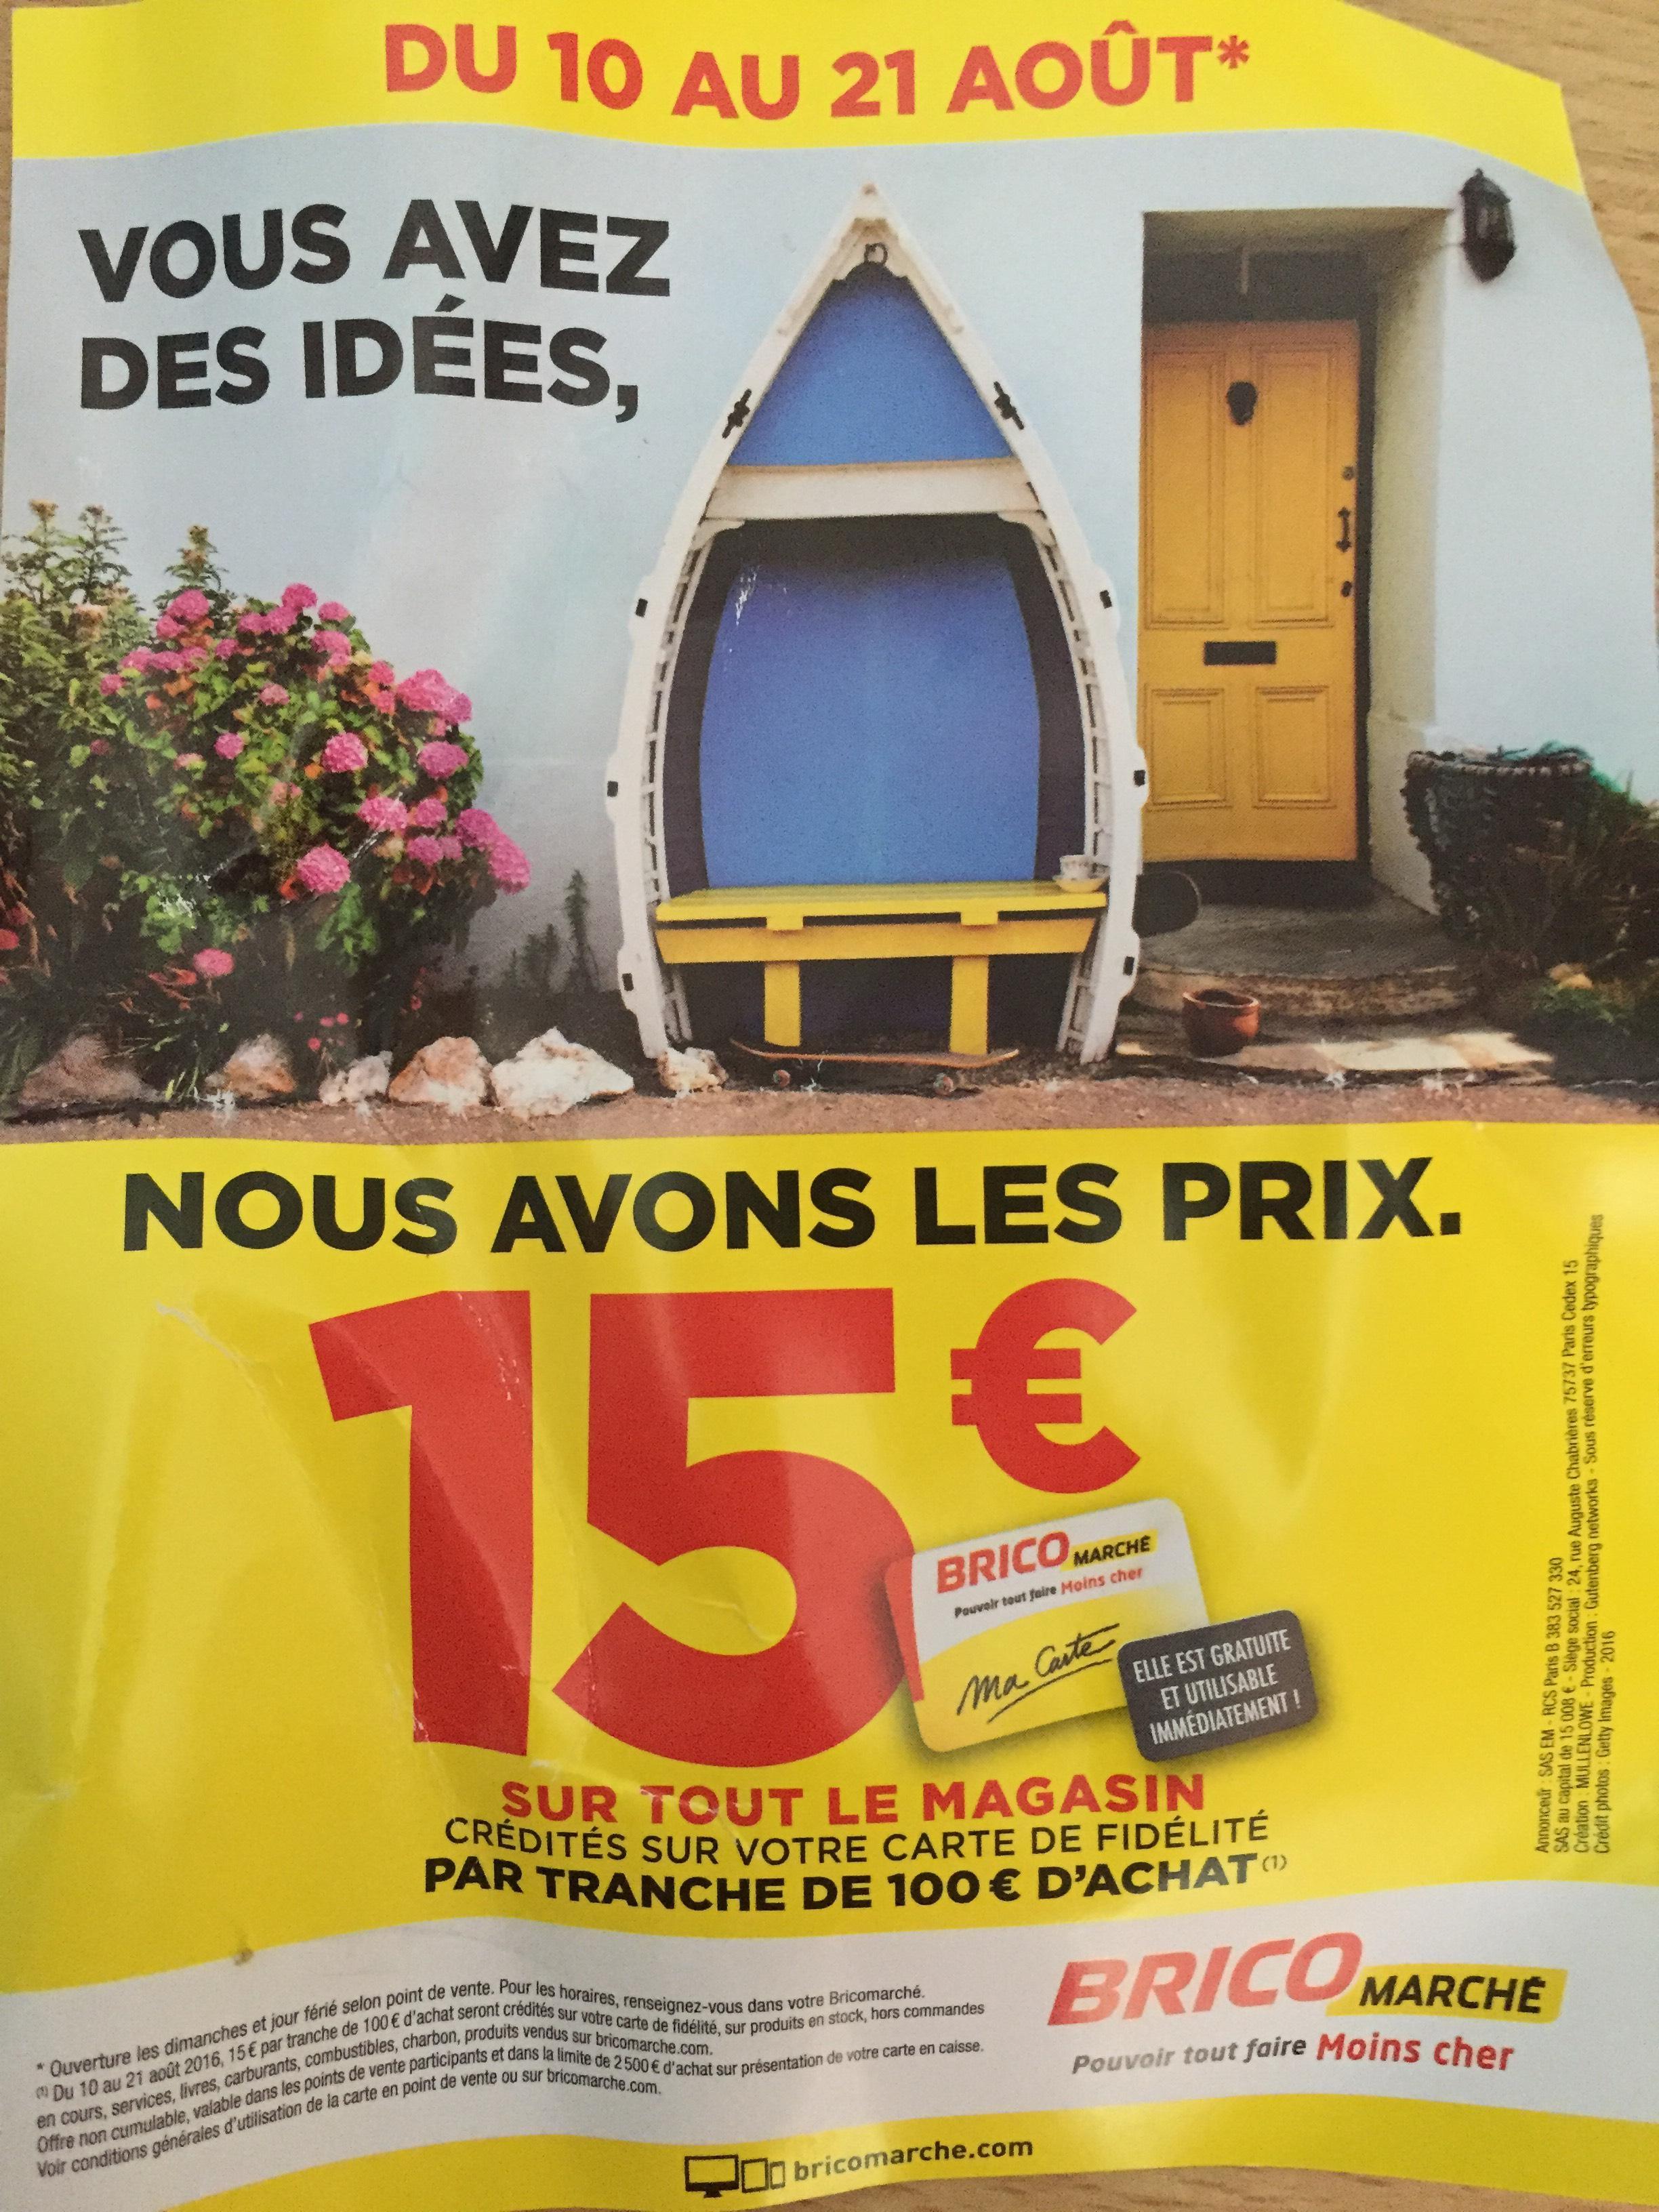 15€ crédités sur la carte de fidélité par tranche de 100€ d'achats